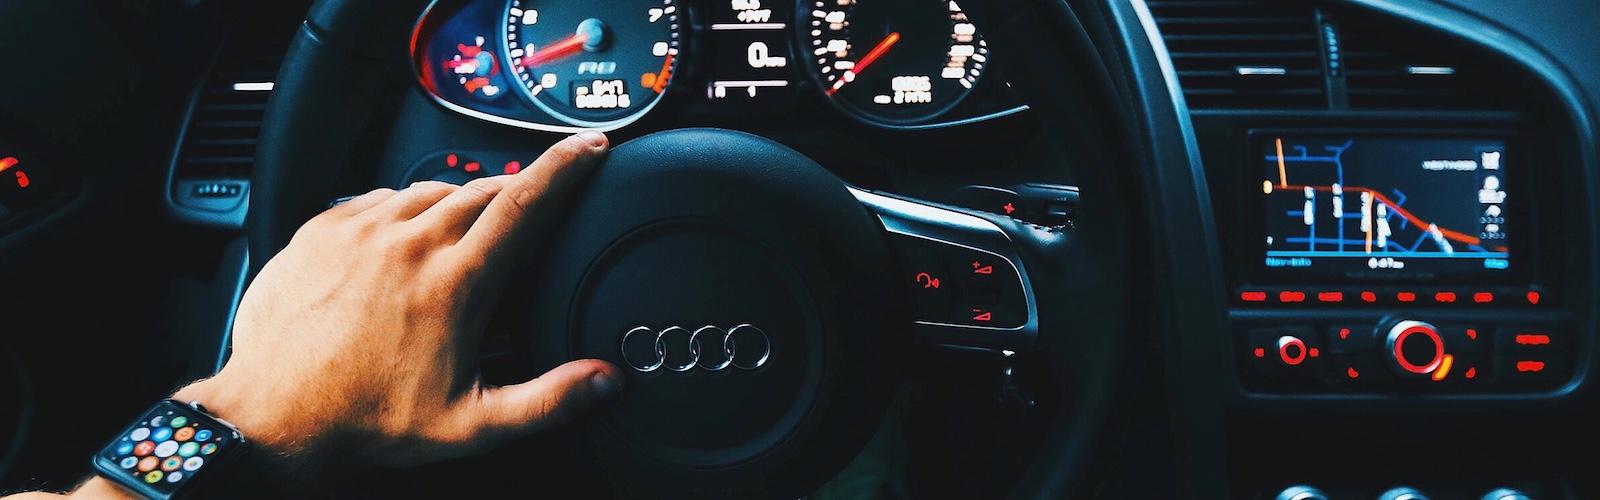 auto-ecole-rembrandt-2-conduite